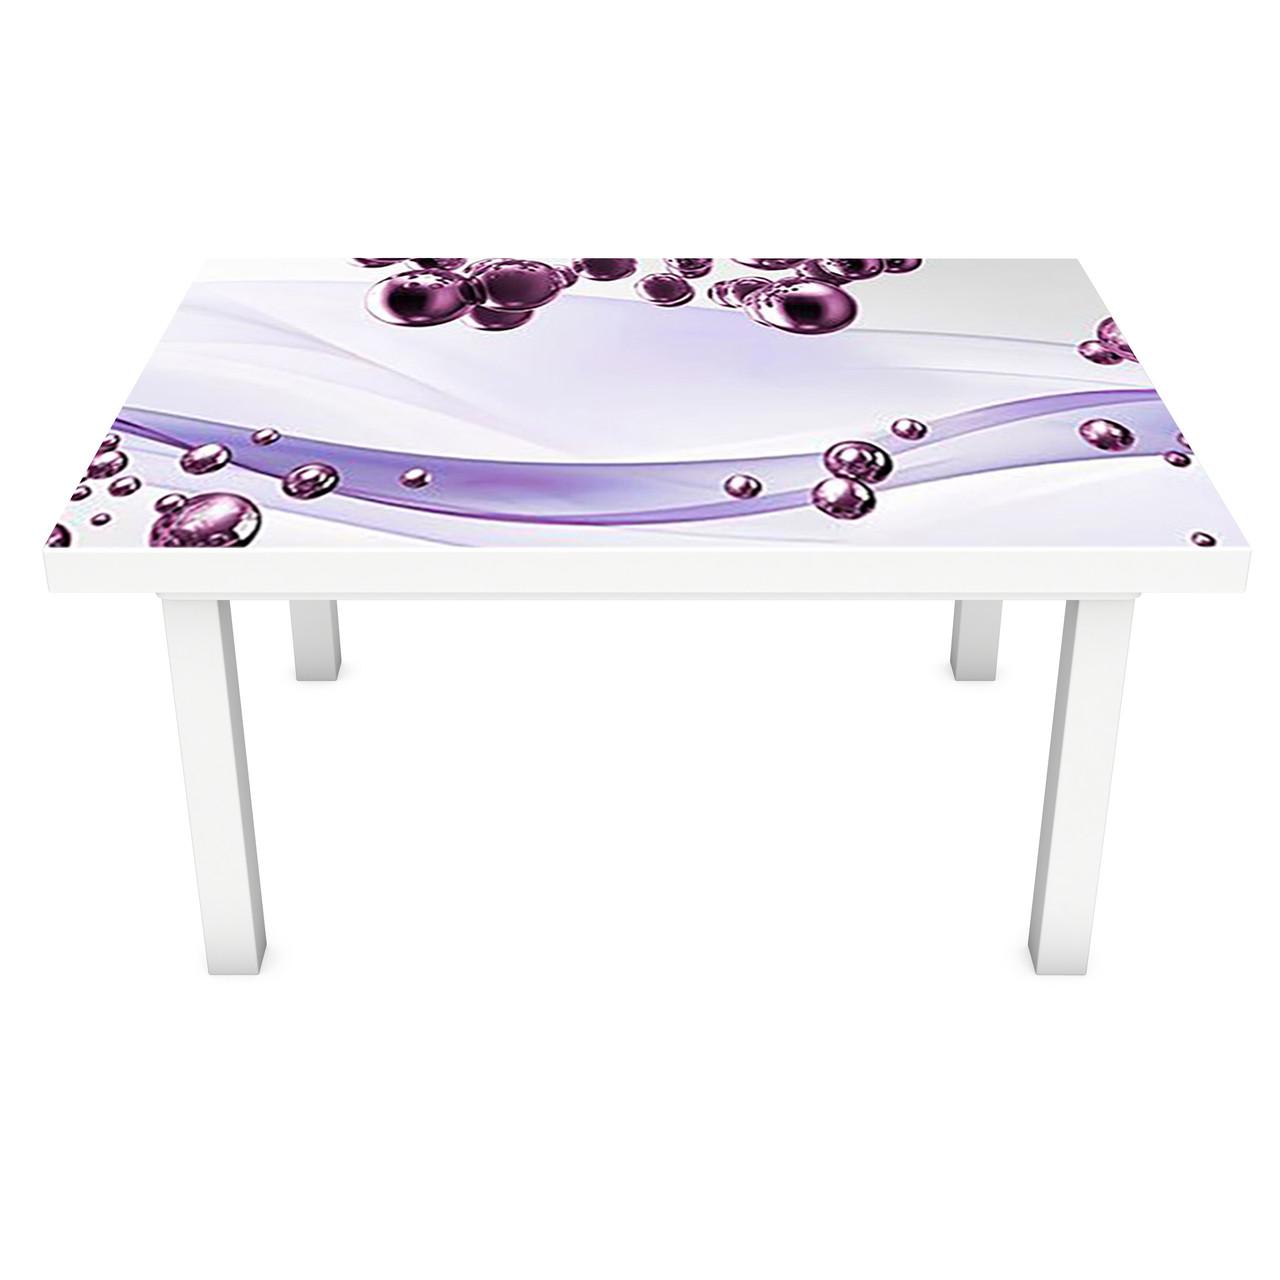 Виниловая наклейка на стол Фиолетовые Сферы (интерьерная ПВХ пленка для мебели) шары Абстракция 600*1200 мм